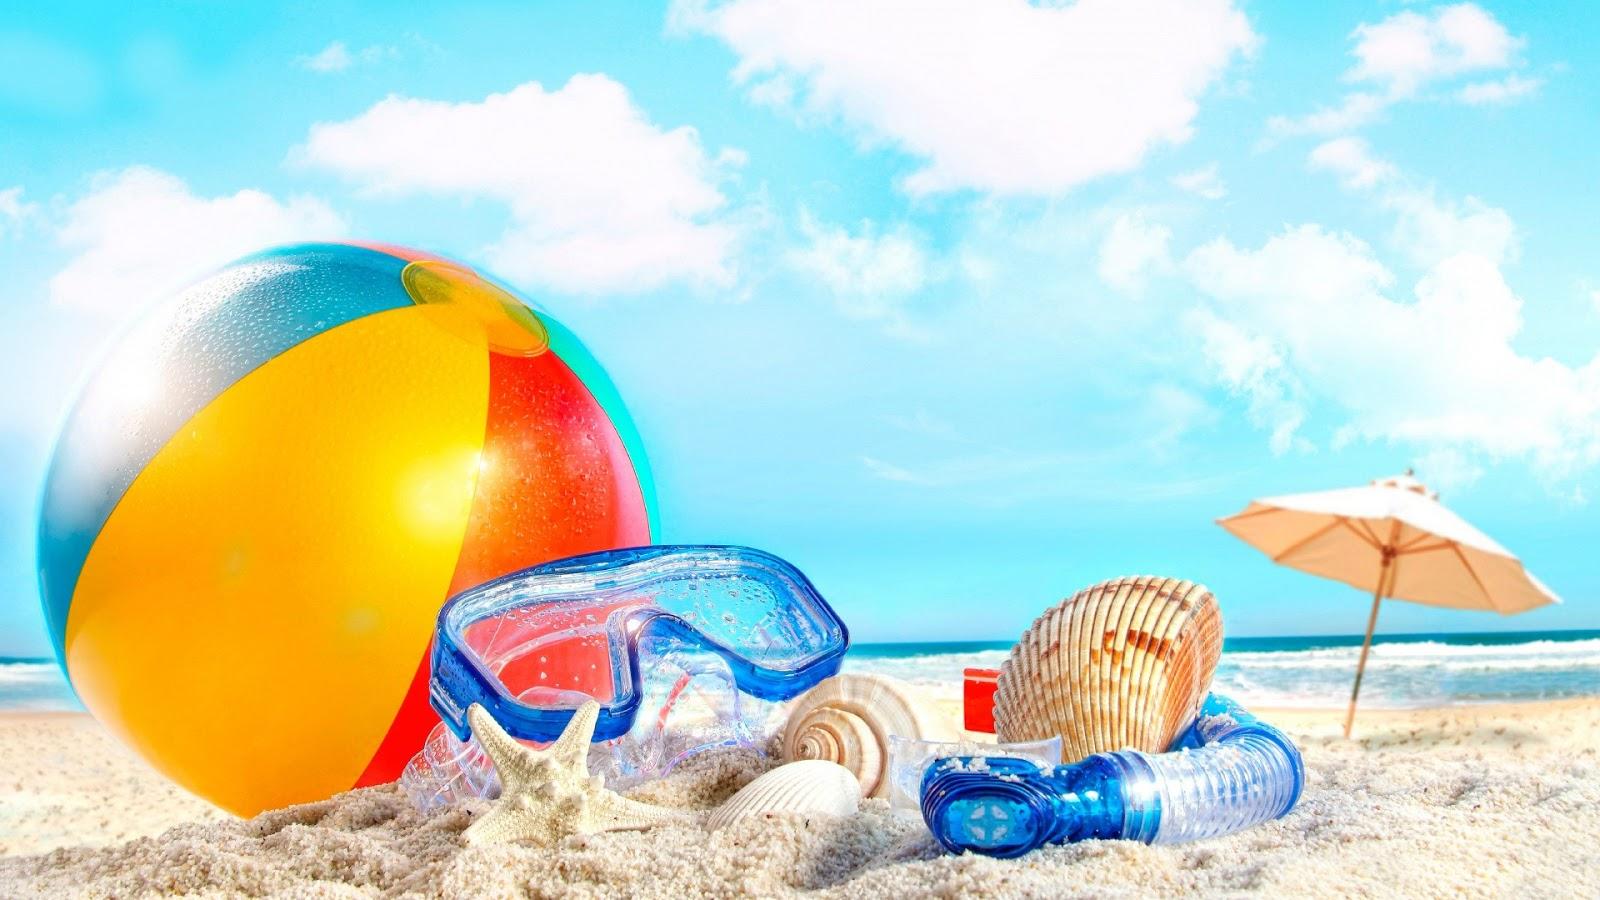 Hd Hintergrundbilder Sommer Strand Meer Urlaub Kostenlos